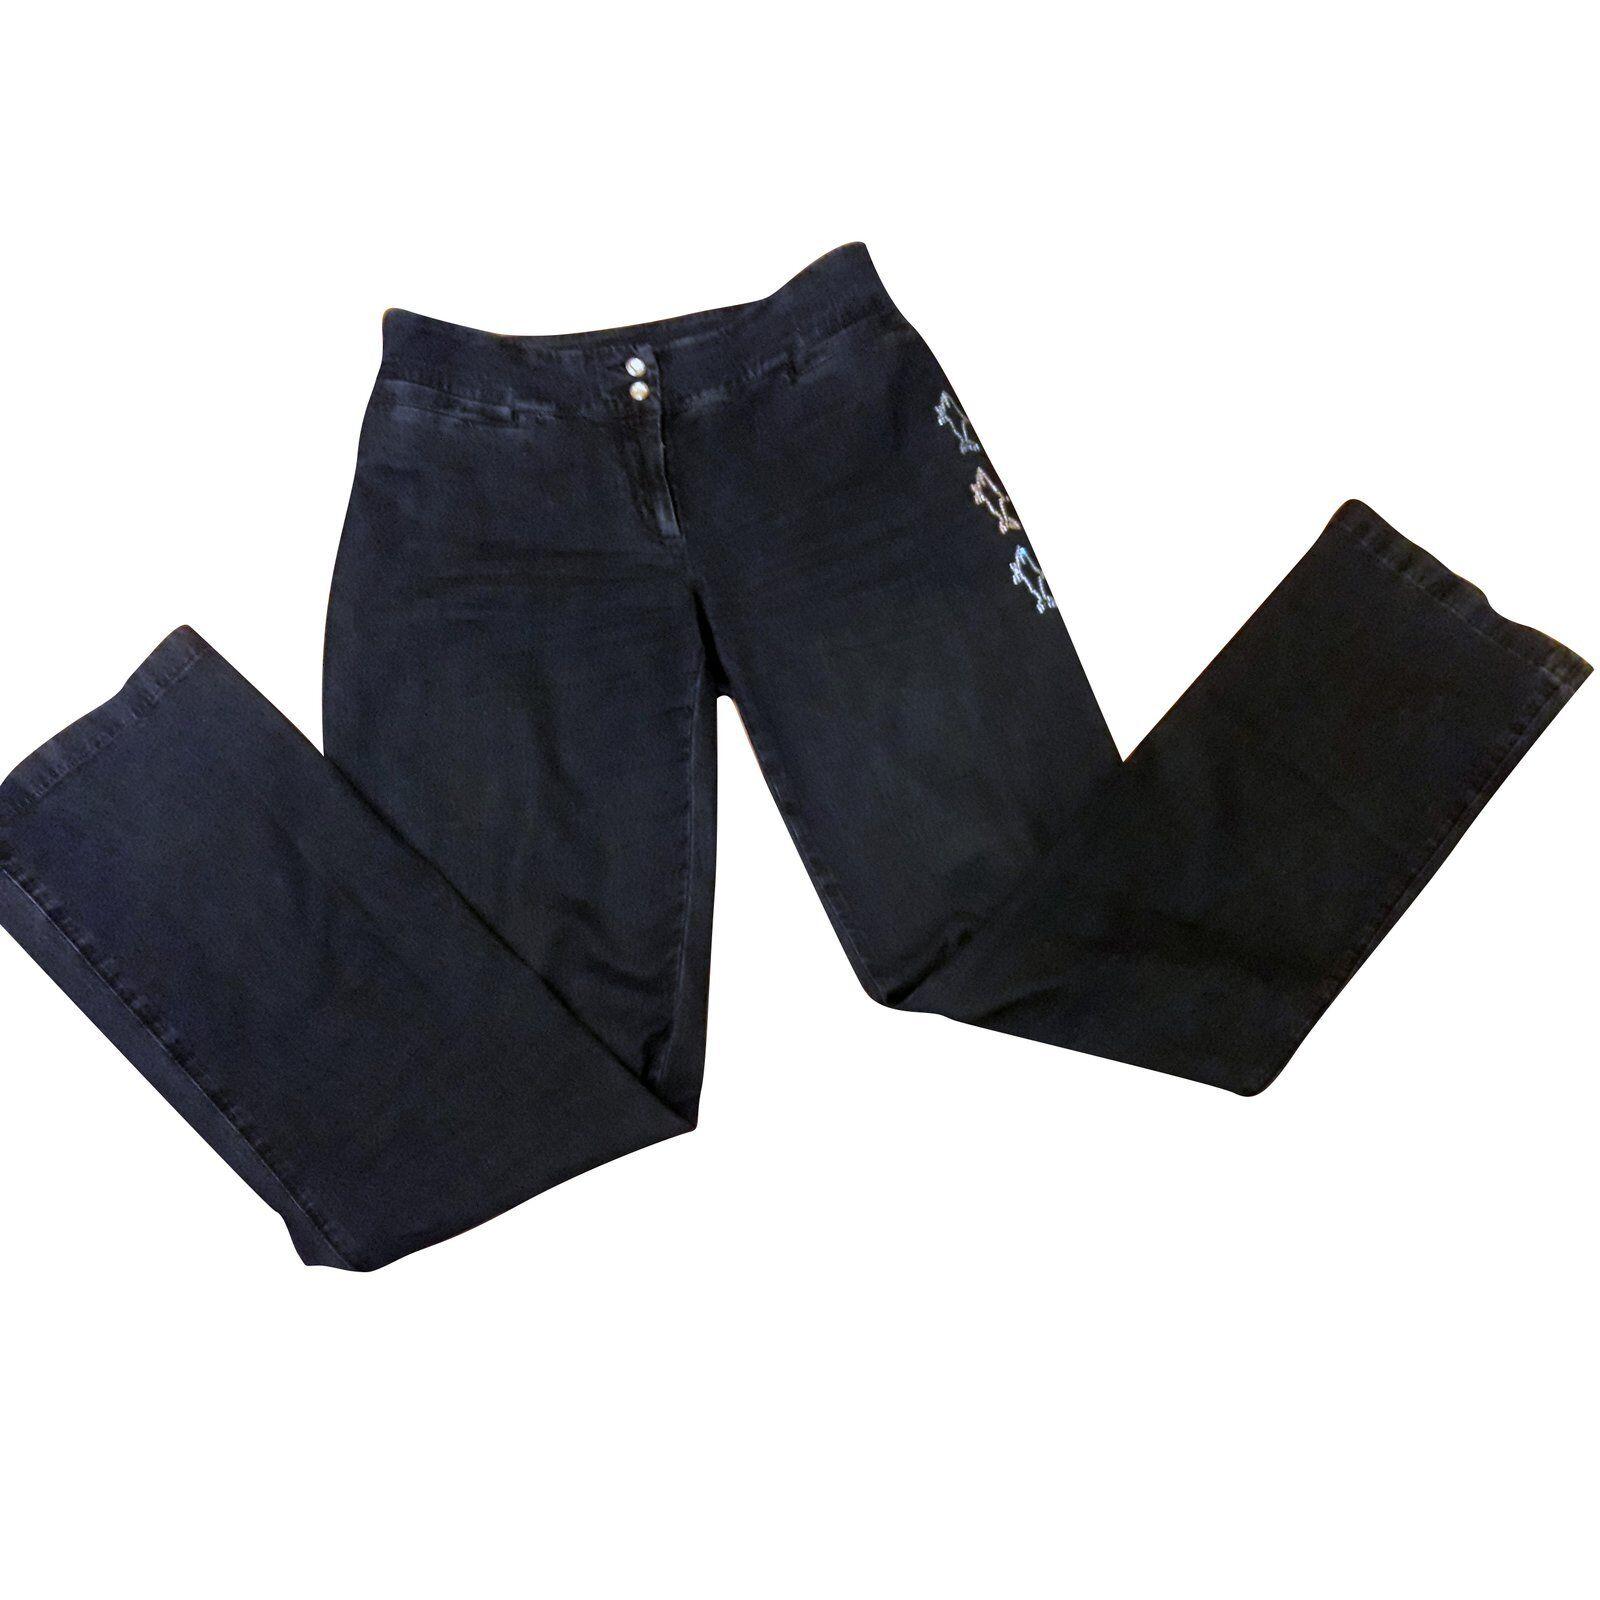 Pantalon Jean PAUL & SHARK - Etat Neuf - T38